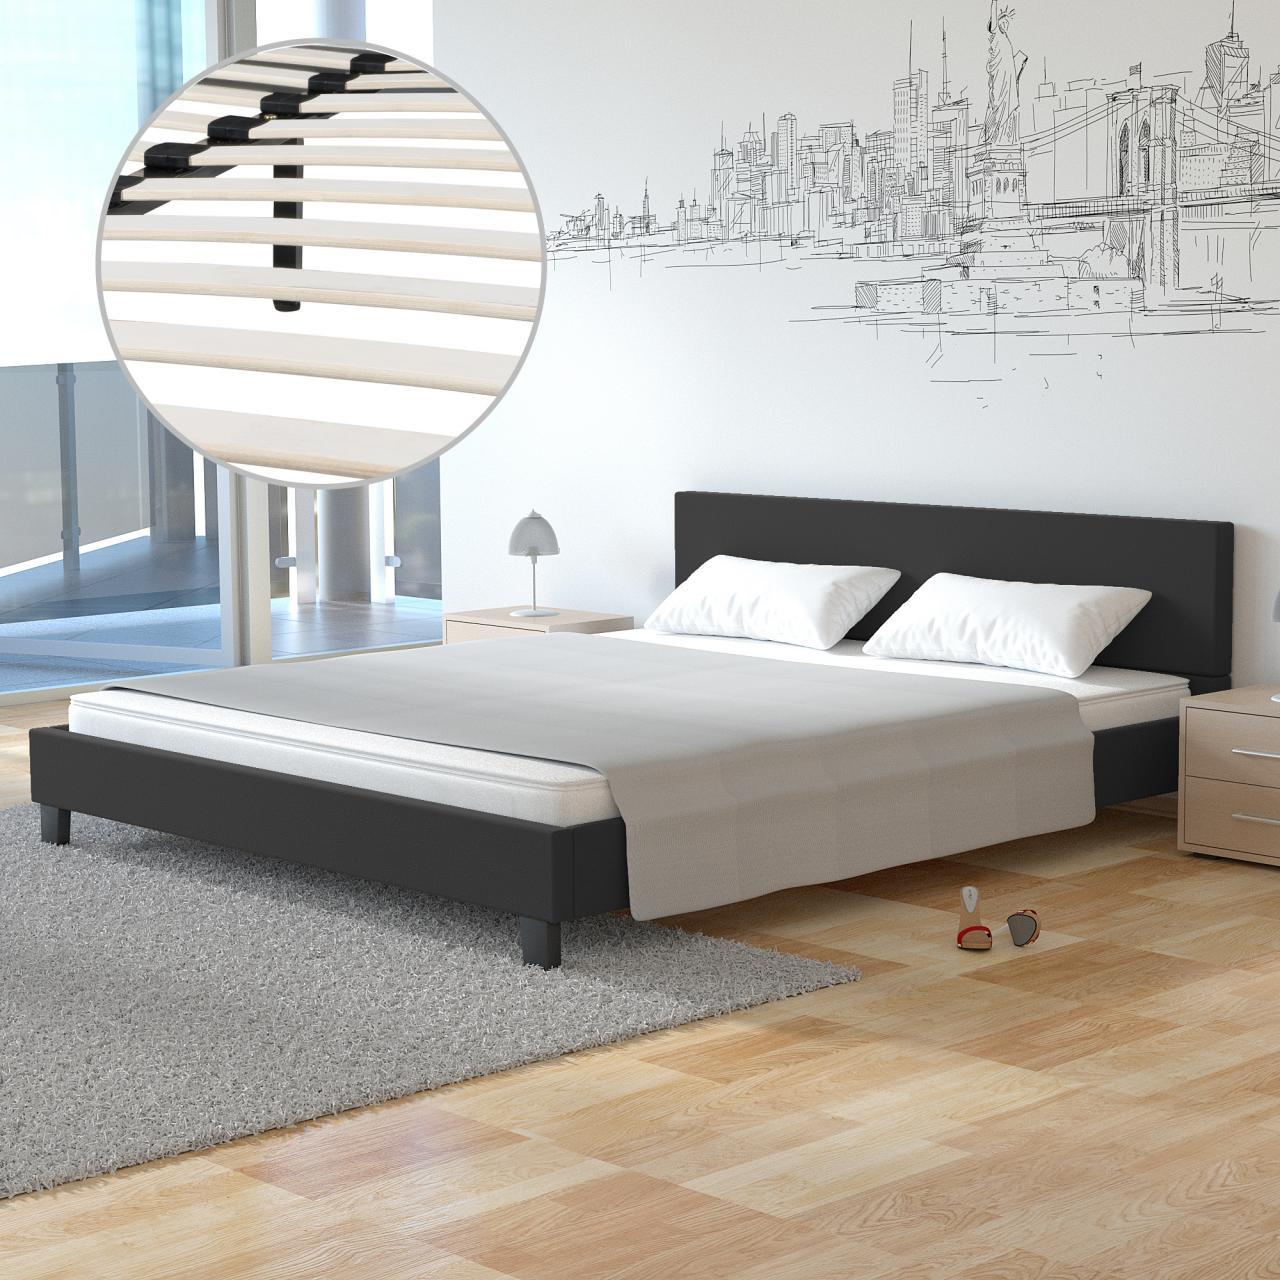 PU Polsterbett Bett Doppelbett Kunstleder Lattenrost Bettgestell 140 ...